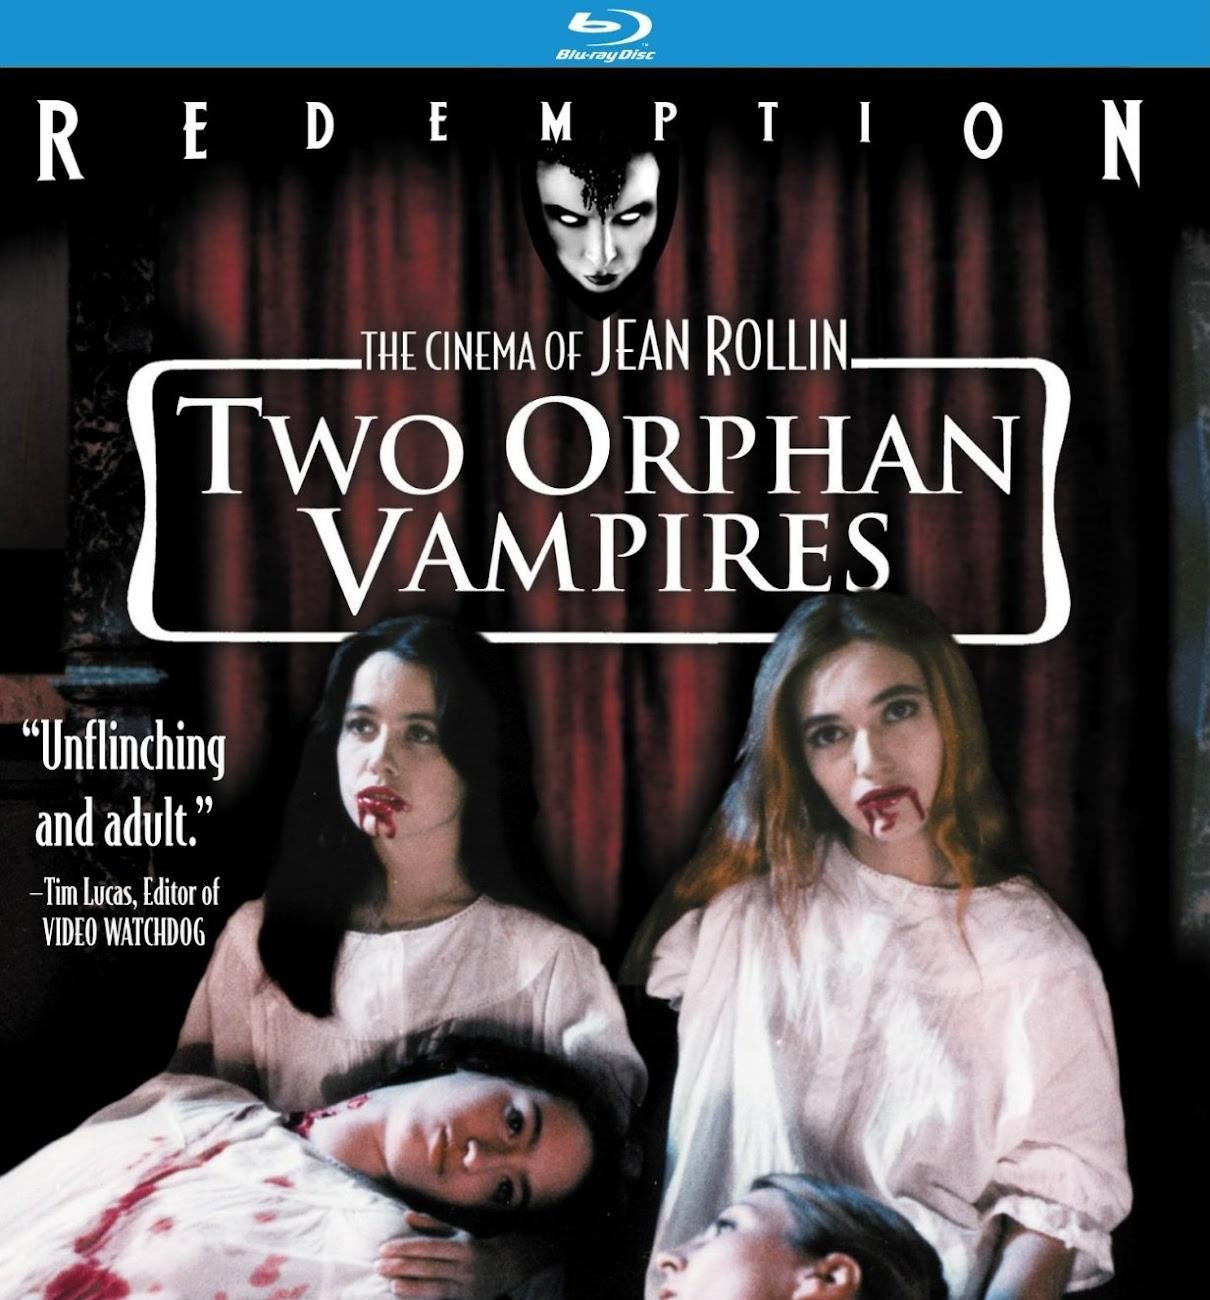 http://3.bp.blogspot.com/-q3IagEd7HIY/UDtyfjvbgVI/AAAAAAAAgr0/XnruH4gUWdQ/s1300/two+orphan+vampires.jpg